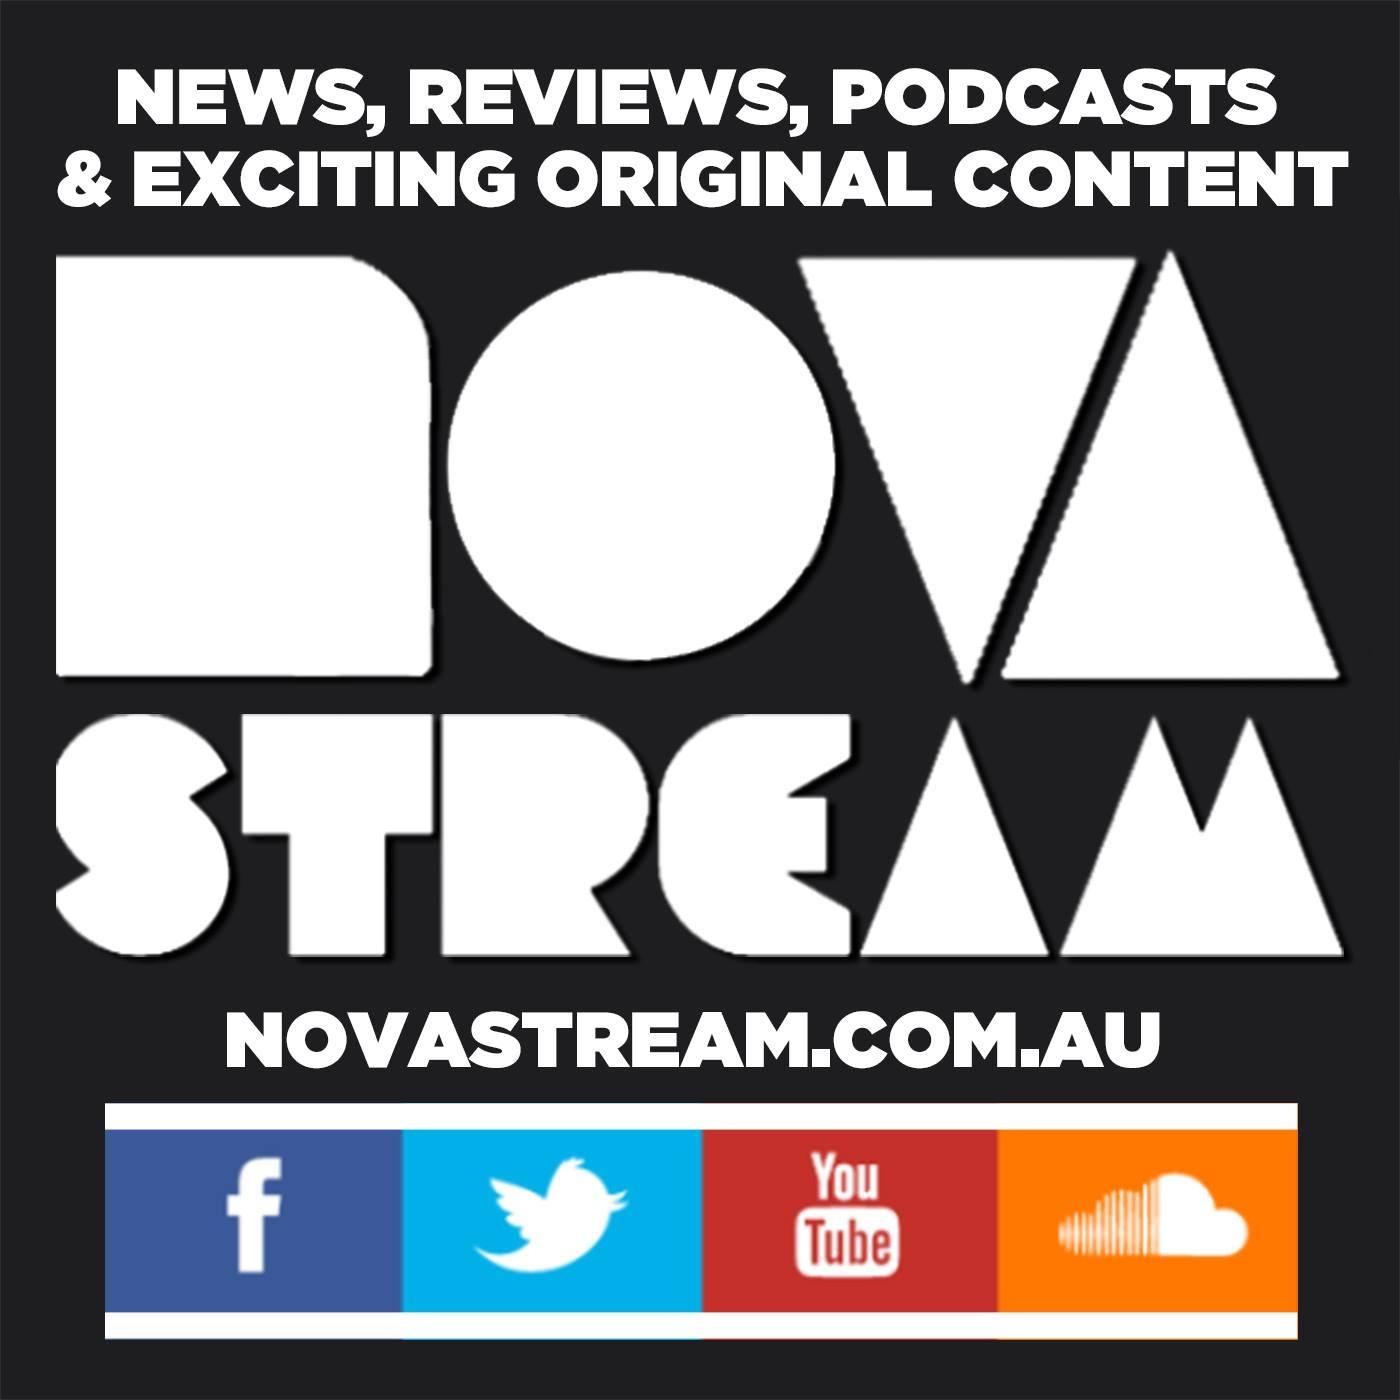 Novastream